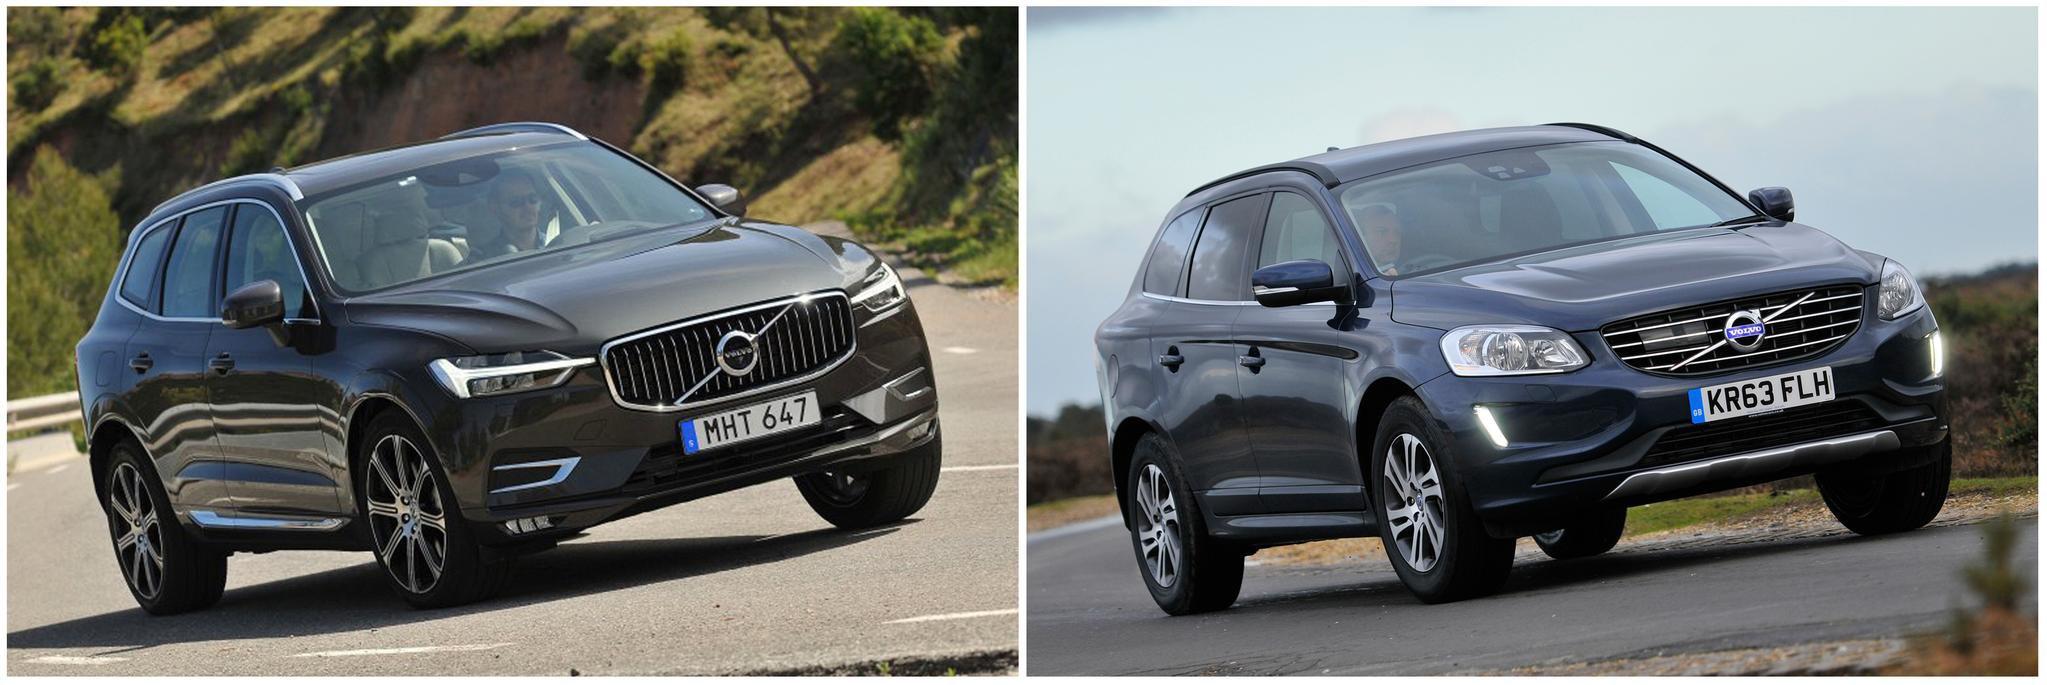 Volvo XC60: new vs old compared